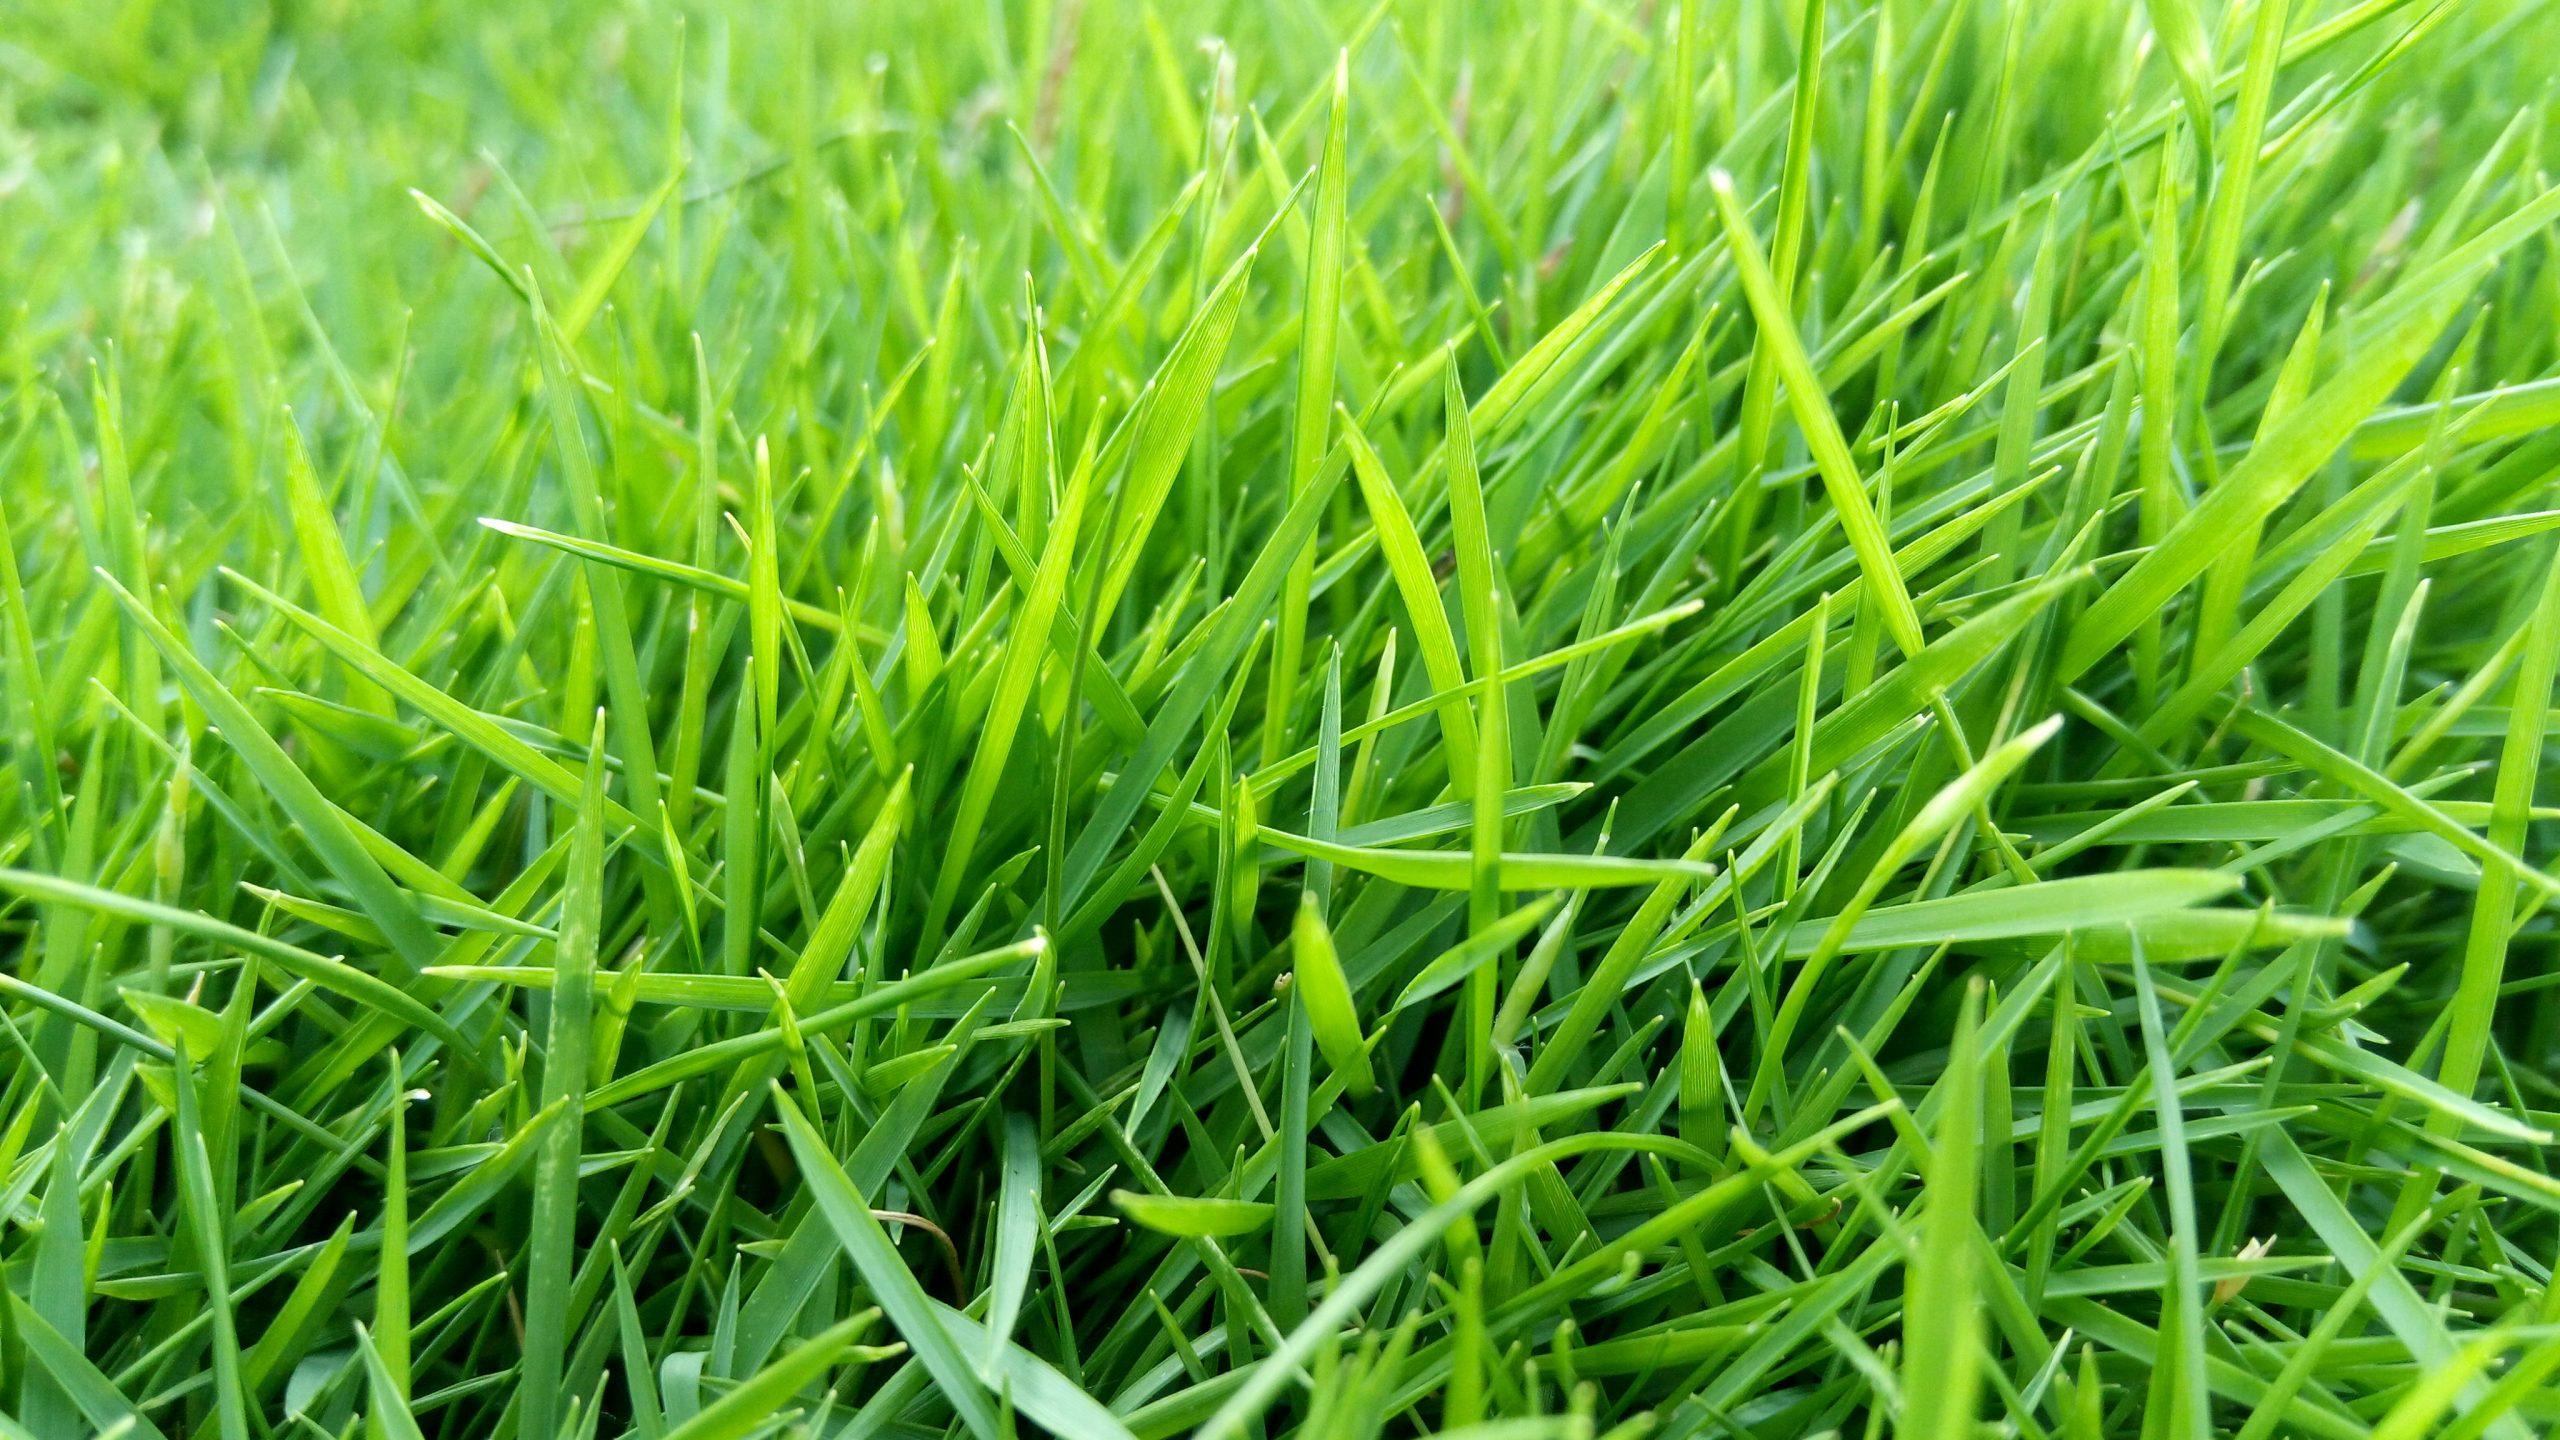 Straw of green grass